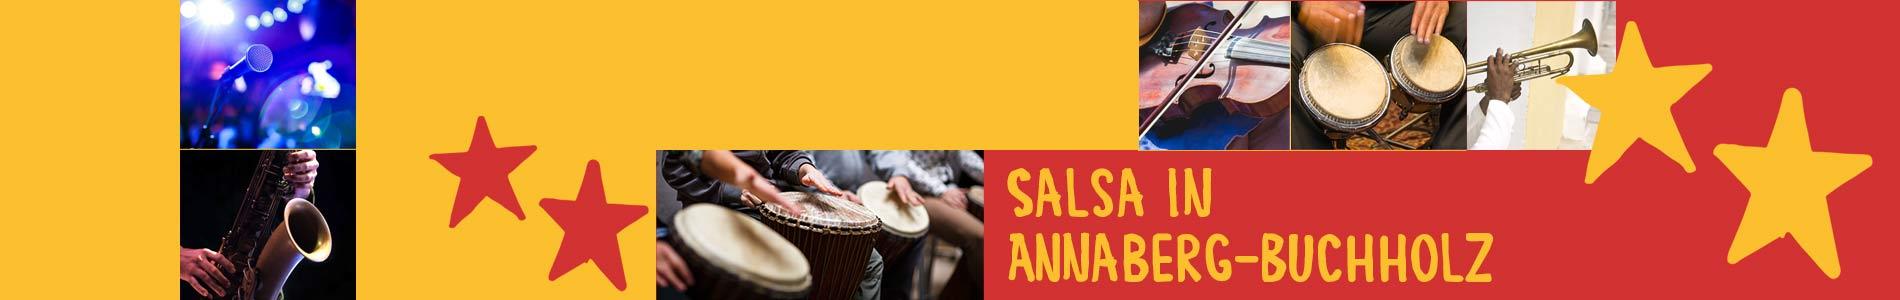 Salsa in Annaberg-Buchholz – Salsa lernen und tanzen, Tanzkurse, Partys, Veranstaltungen